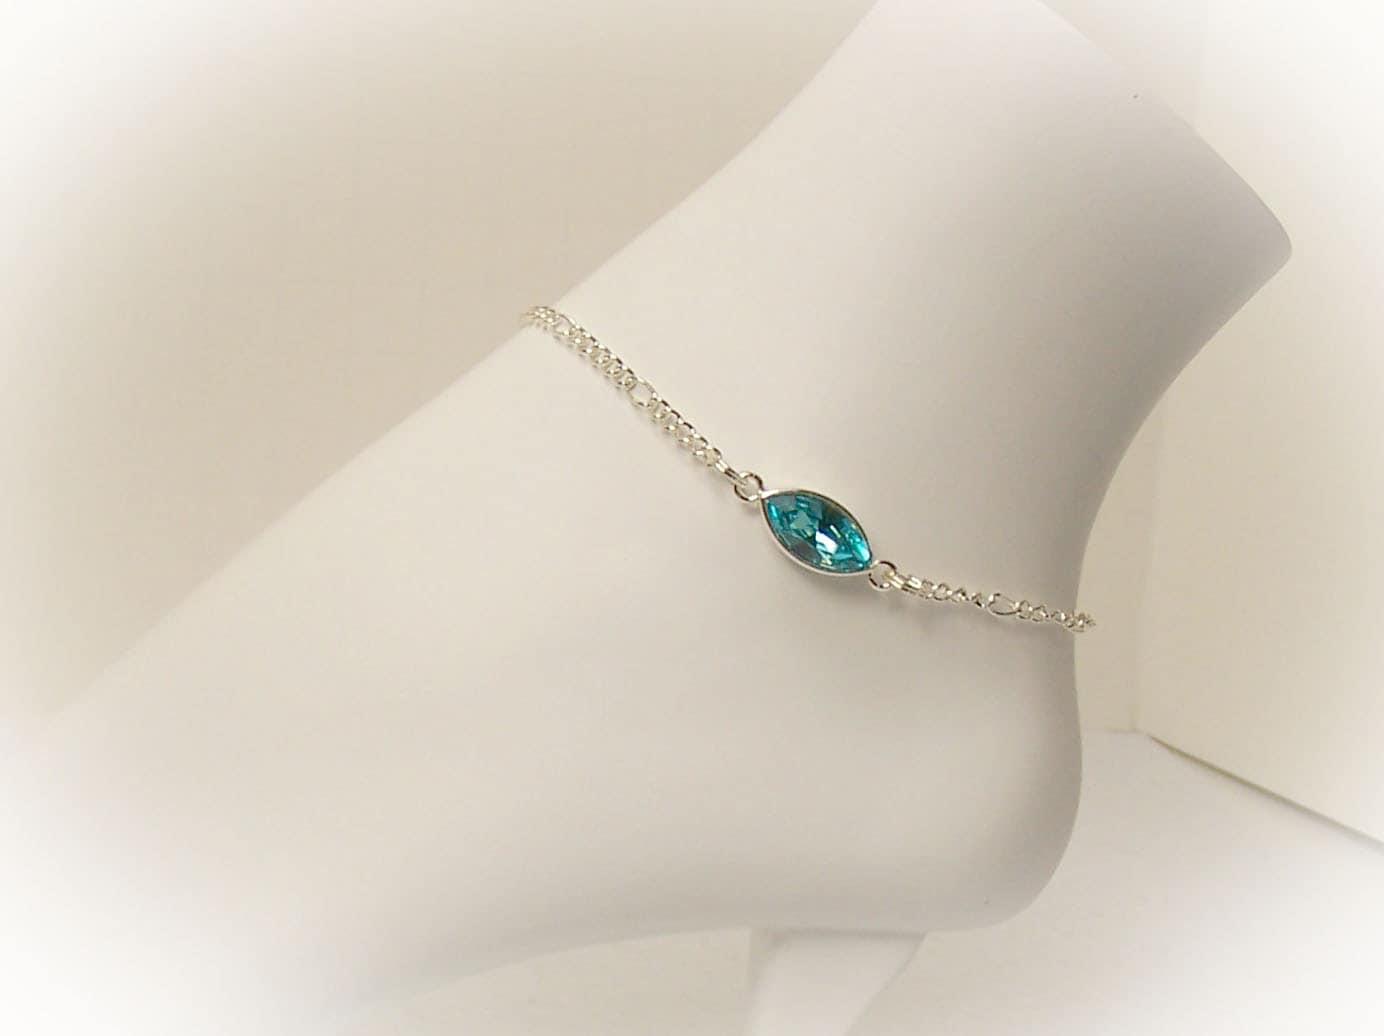 Crystal Anklet Ankle Bracelet Silver Anklet With Turquoise Swarovski